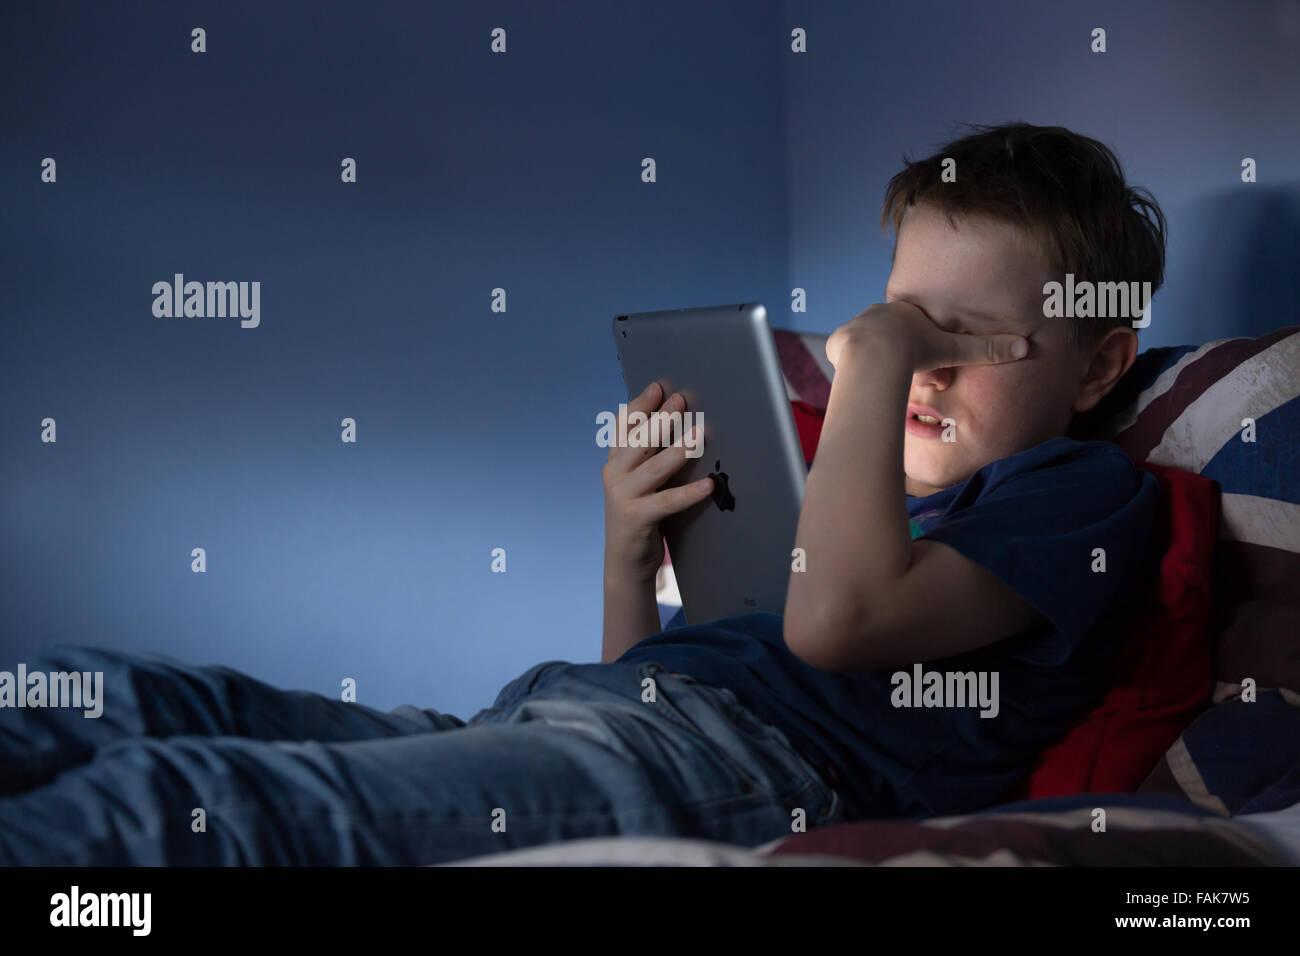 Online cyber bullismo Bullismo foto di un ragazzo sconvolto nella sua camera da letto guardando doloroso messaggi Immagini Stock